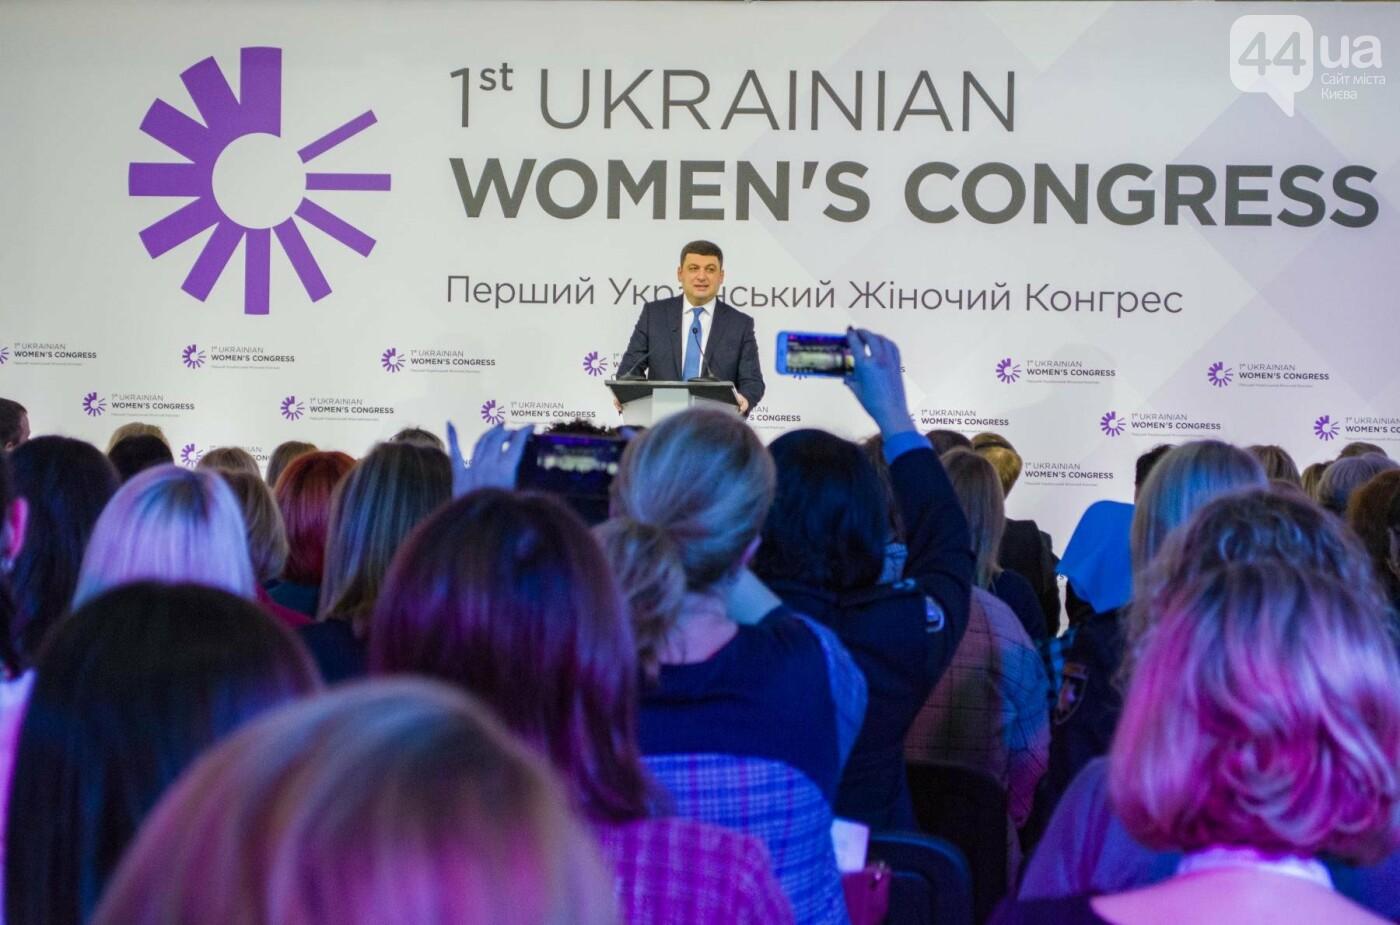 В Киеве проходит первый украинский Женский конгресс (ФОТО), фото-3